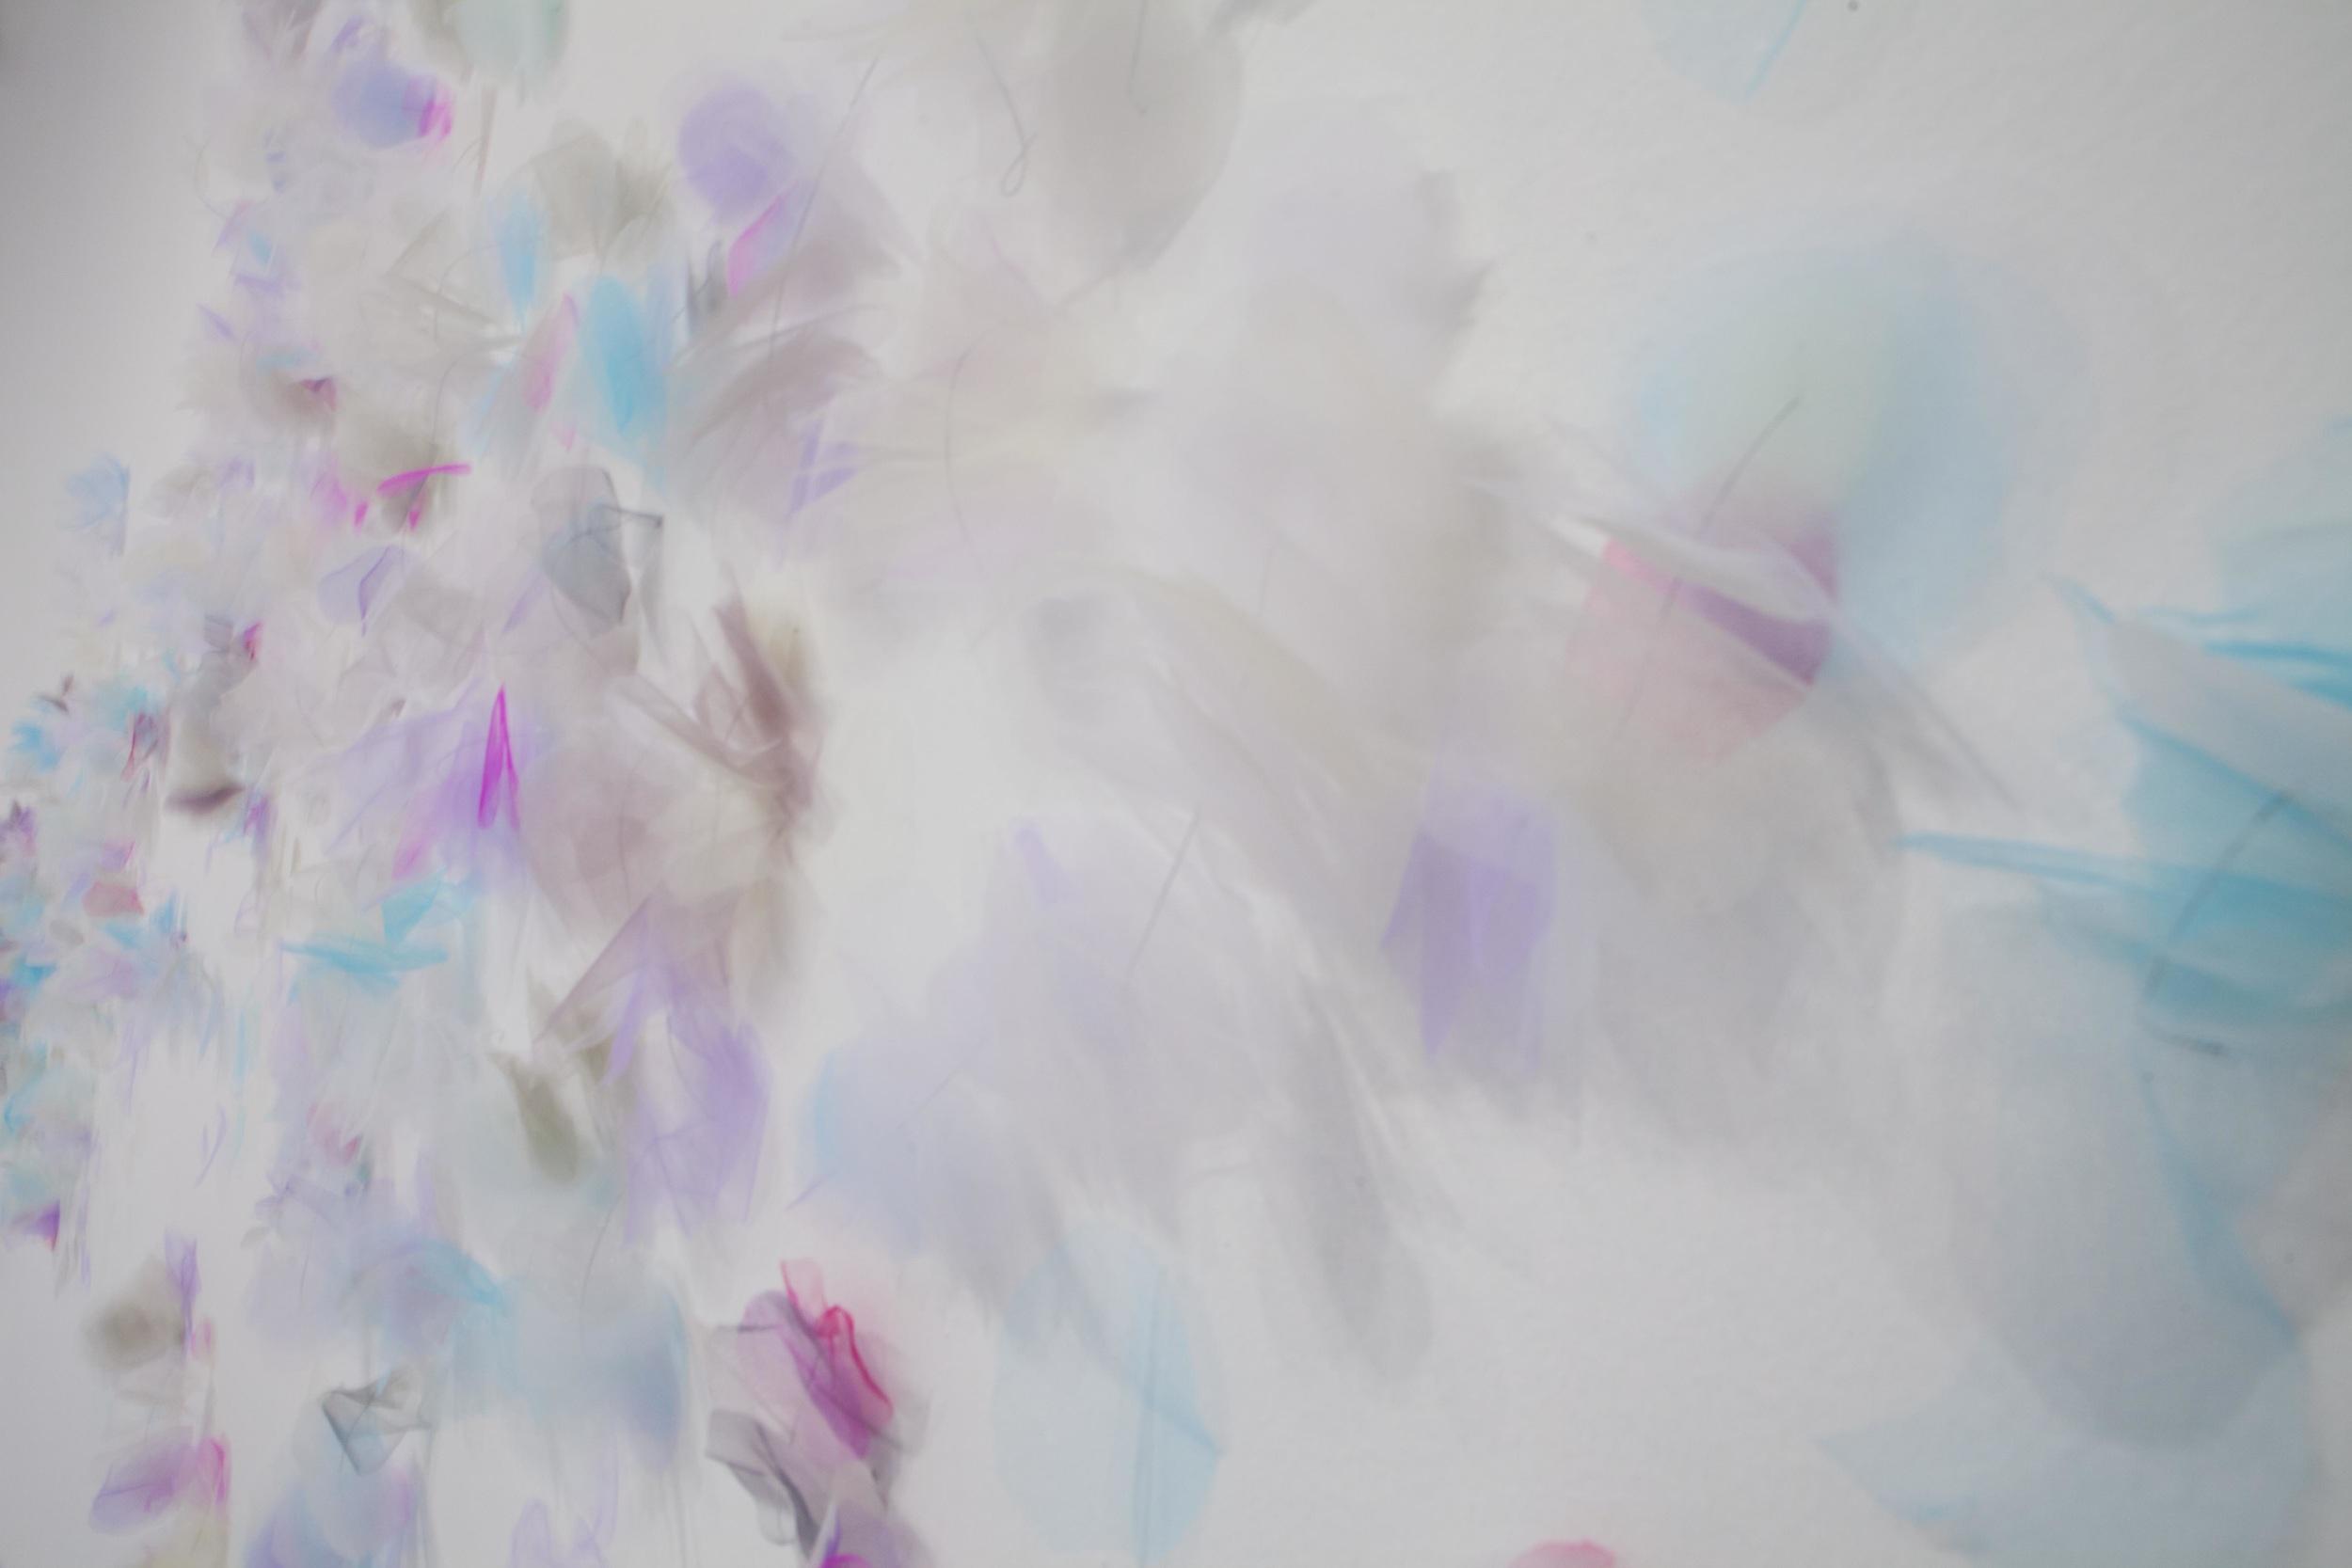 (Air) detail